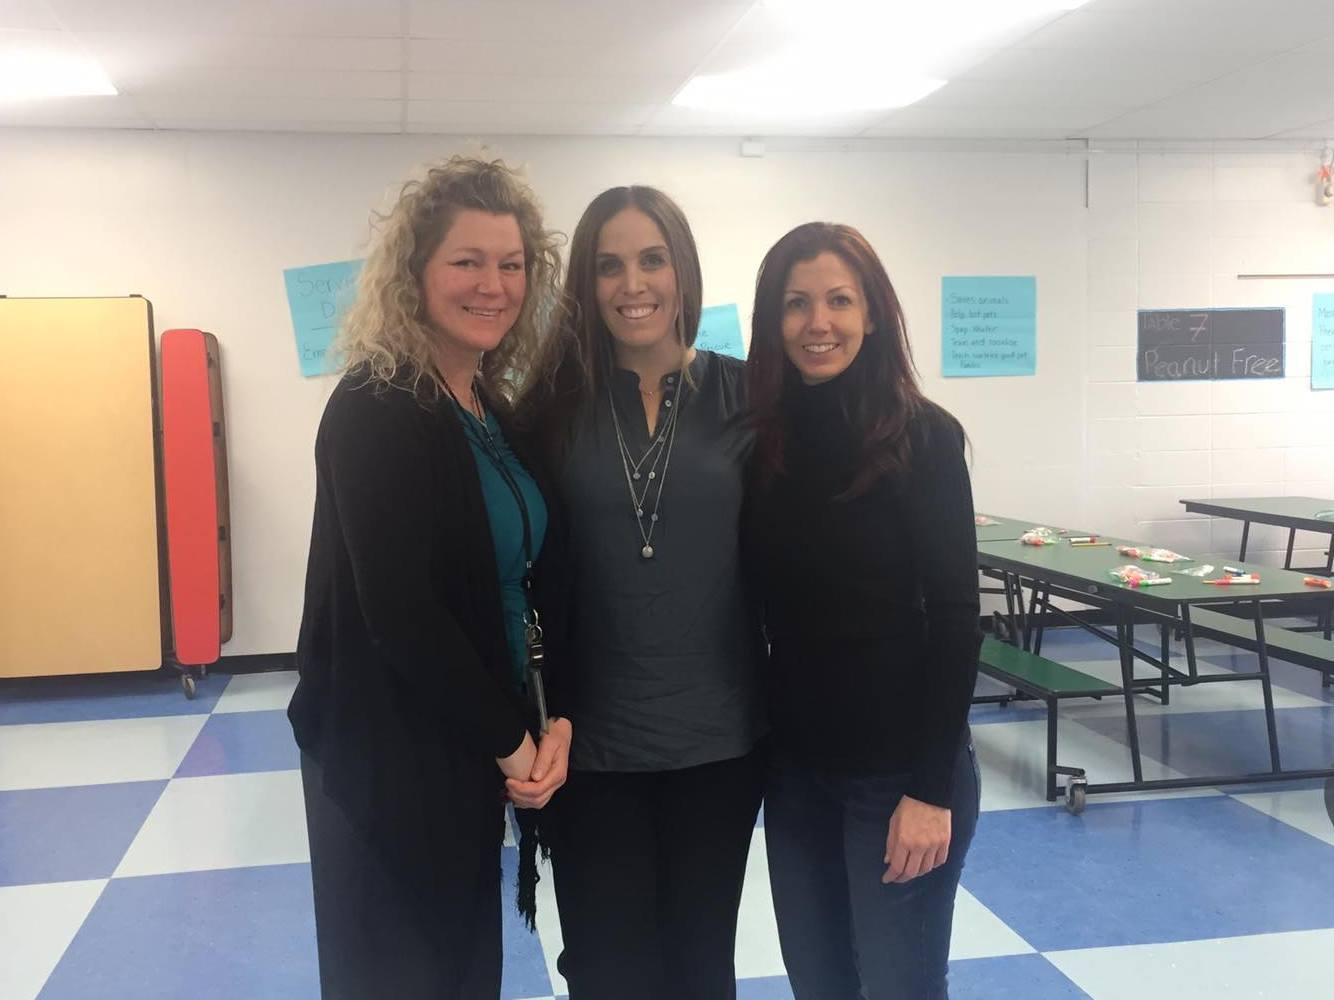 Christine Poggi, Lisa Adamek & Kristina Handley